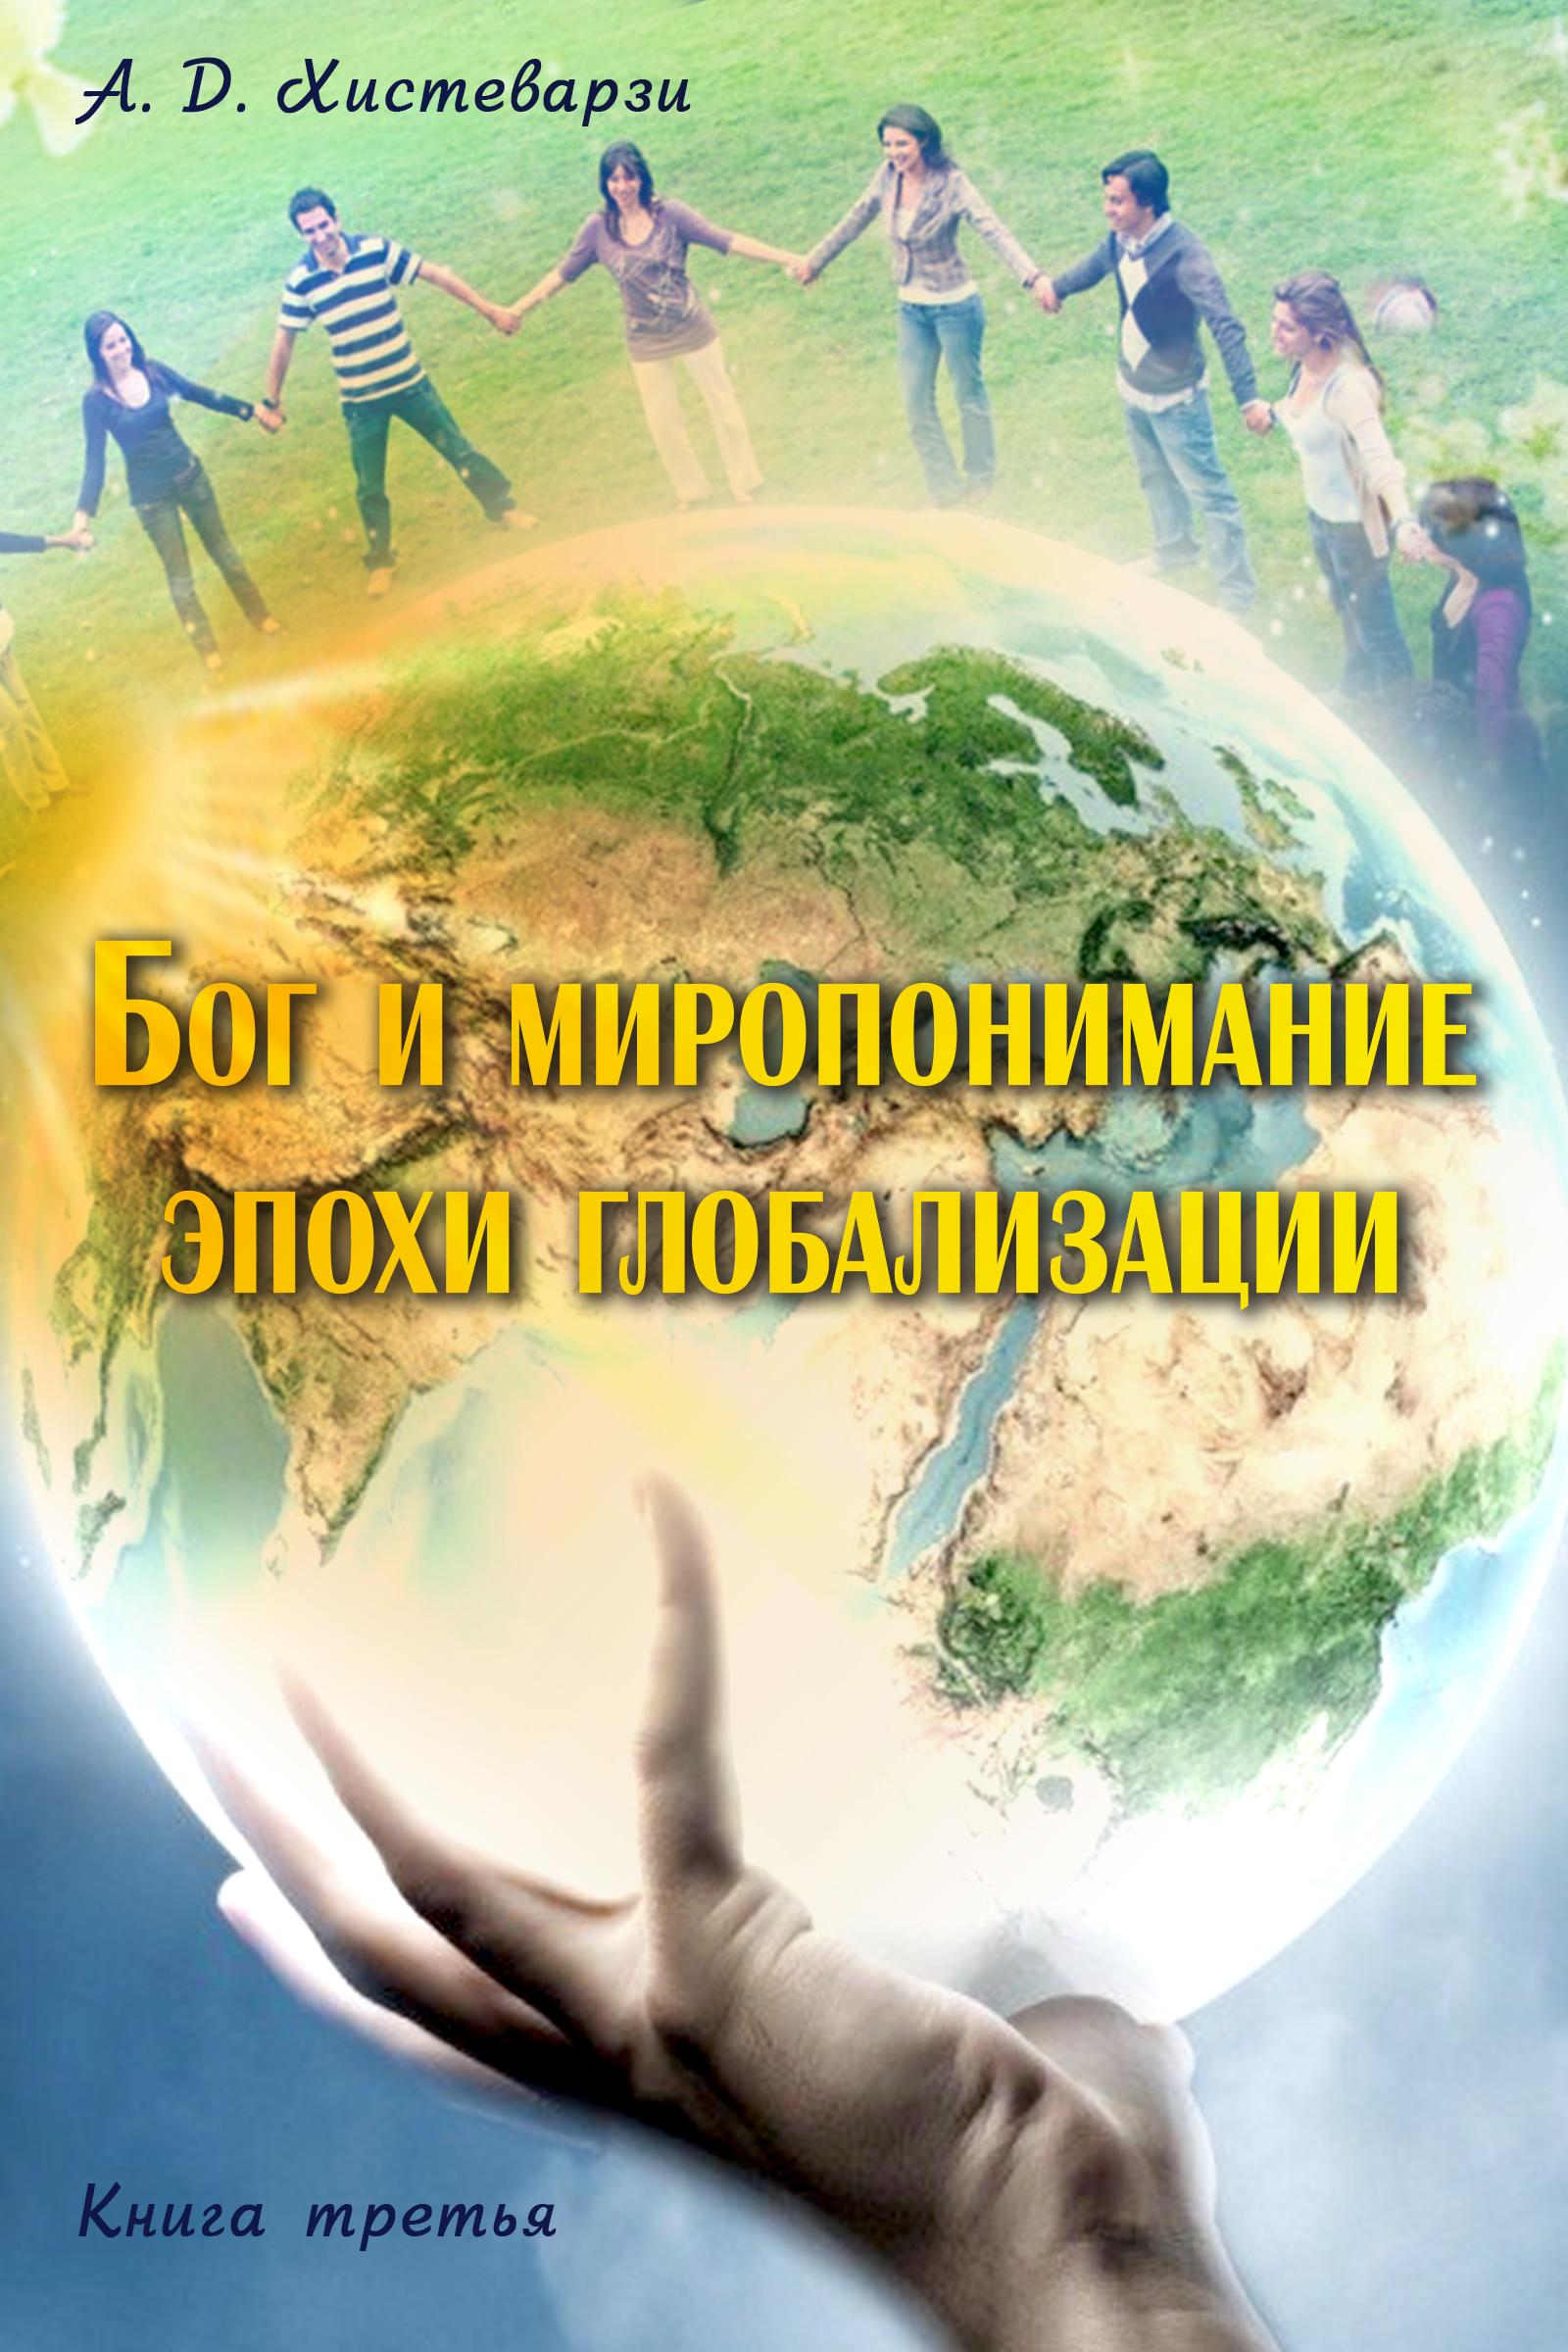 Бог и миропонимание эпохи глобализации. Книга третья